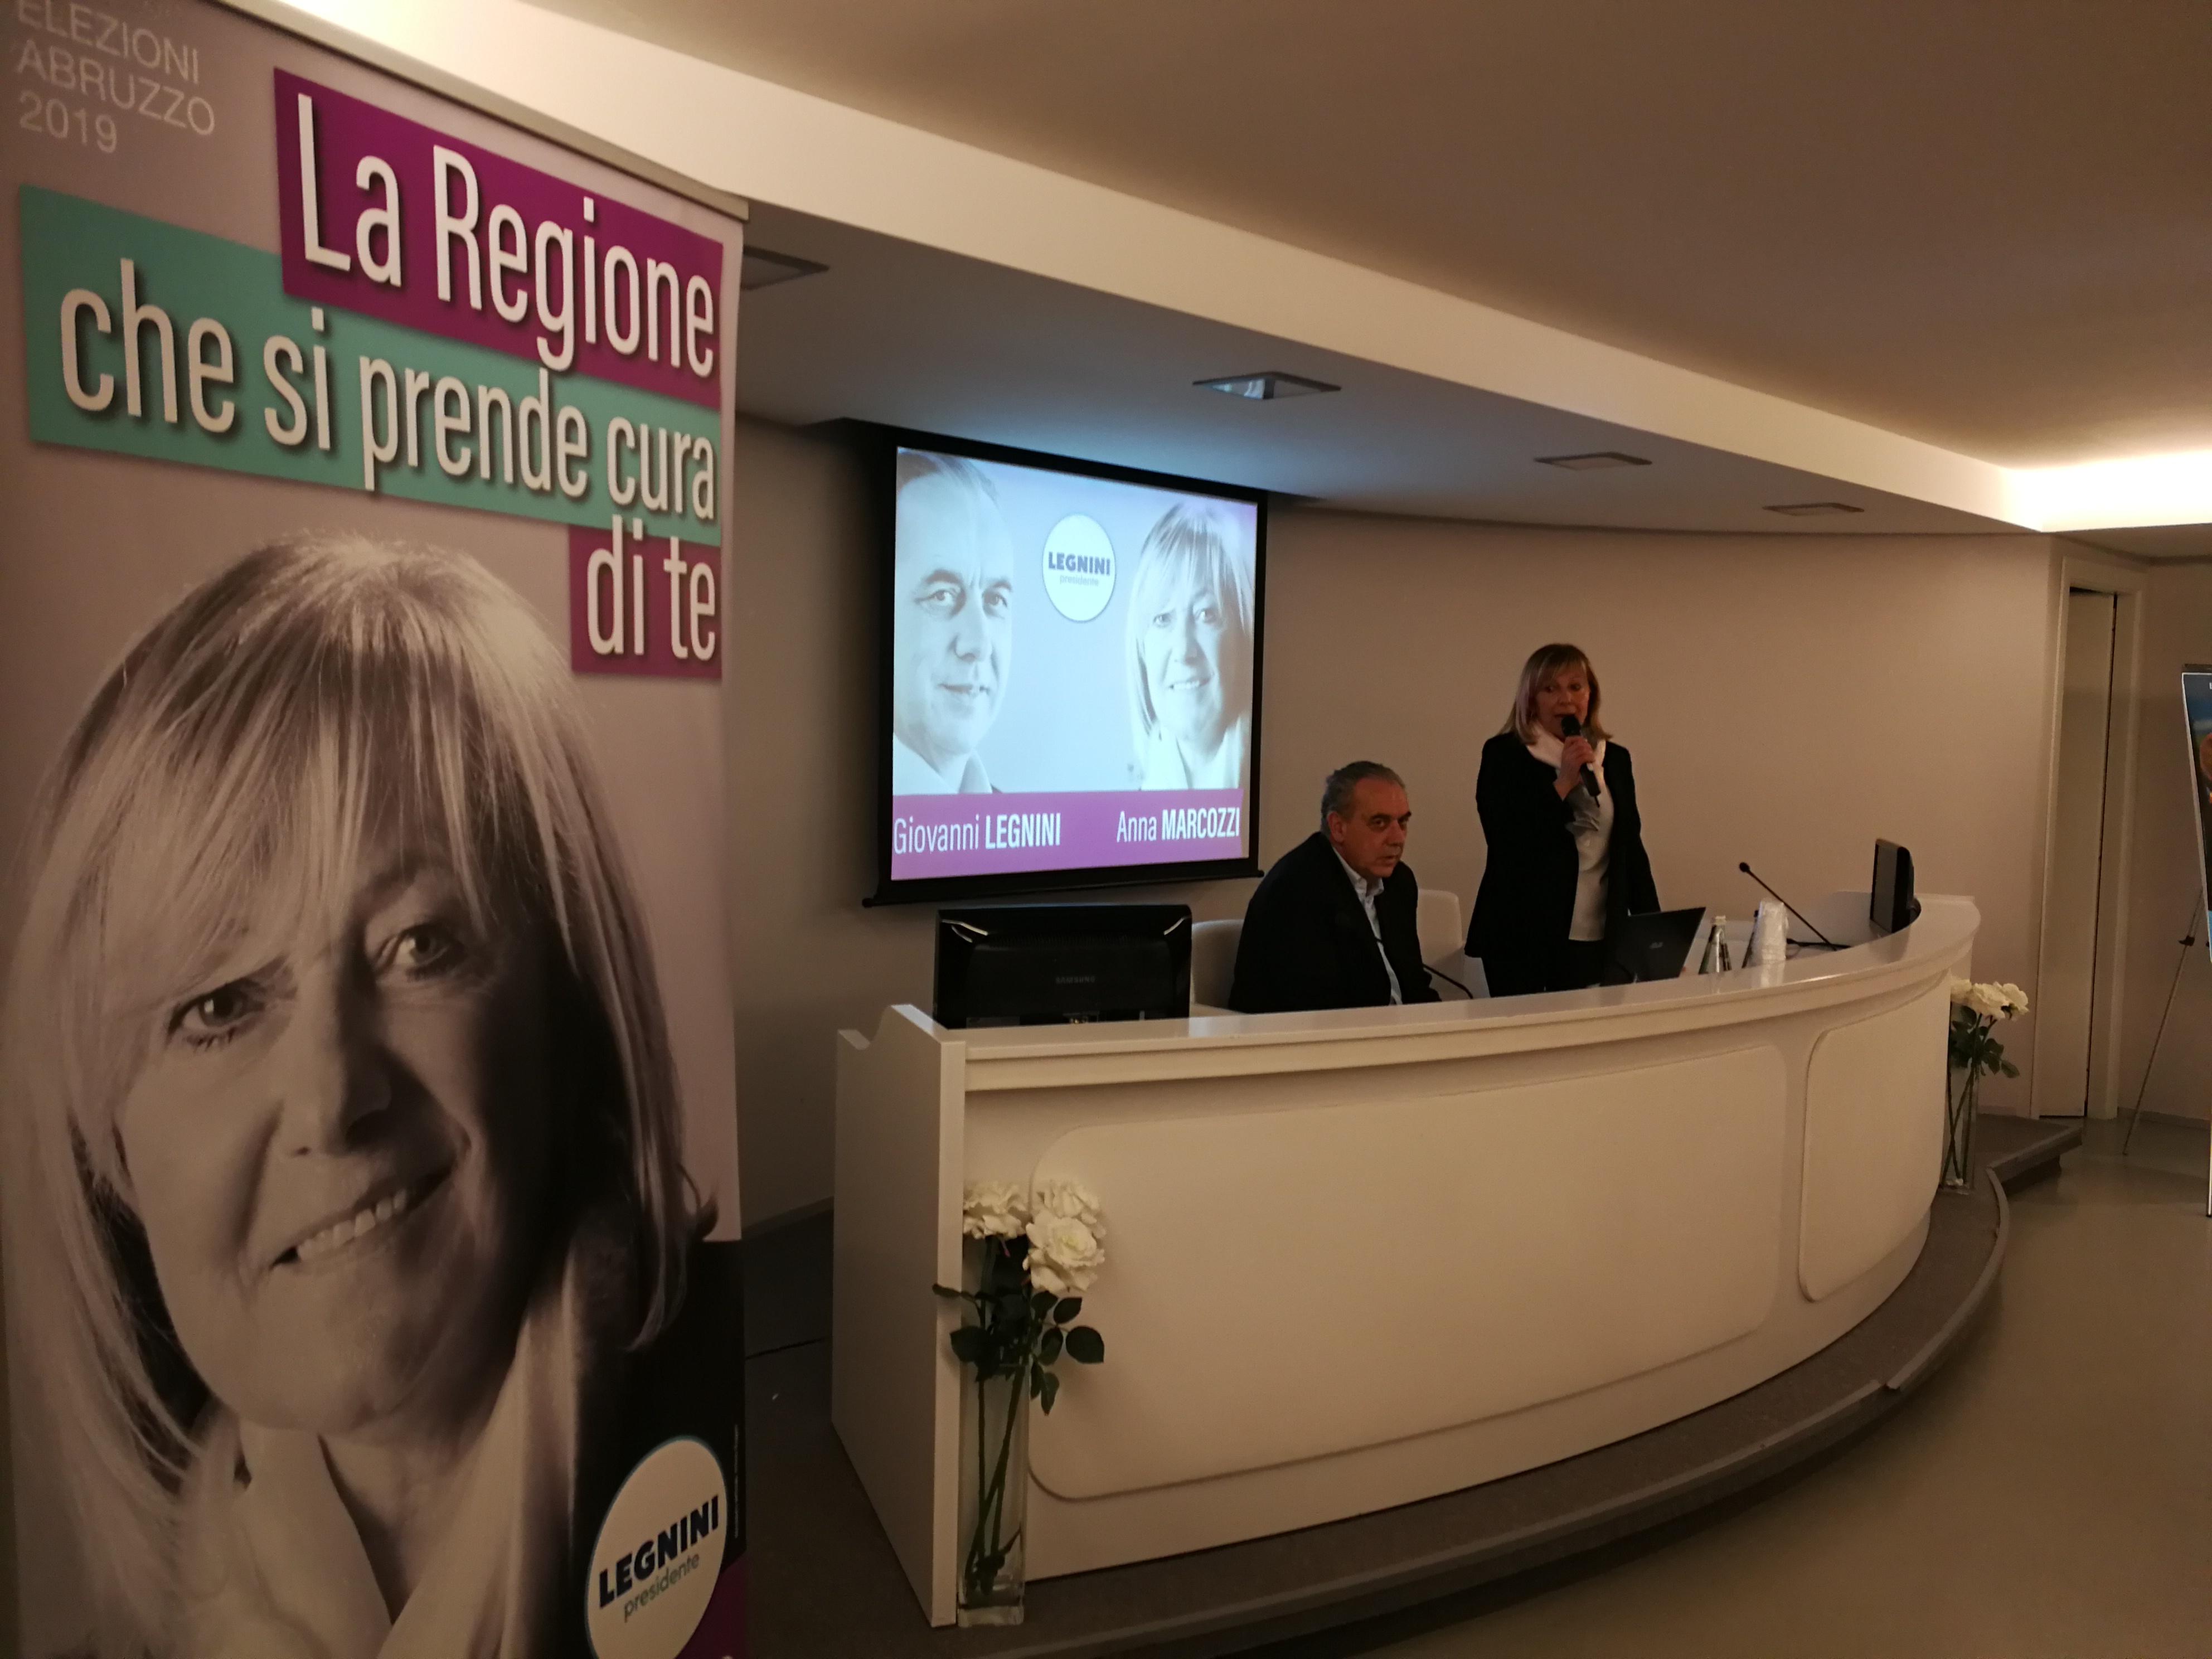 Sanità e qualità dei servizi. Anna Marcozzi e Giovanni Legnini incontrano i cittadini